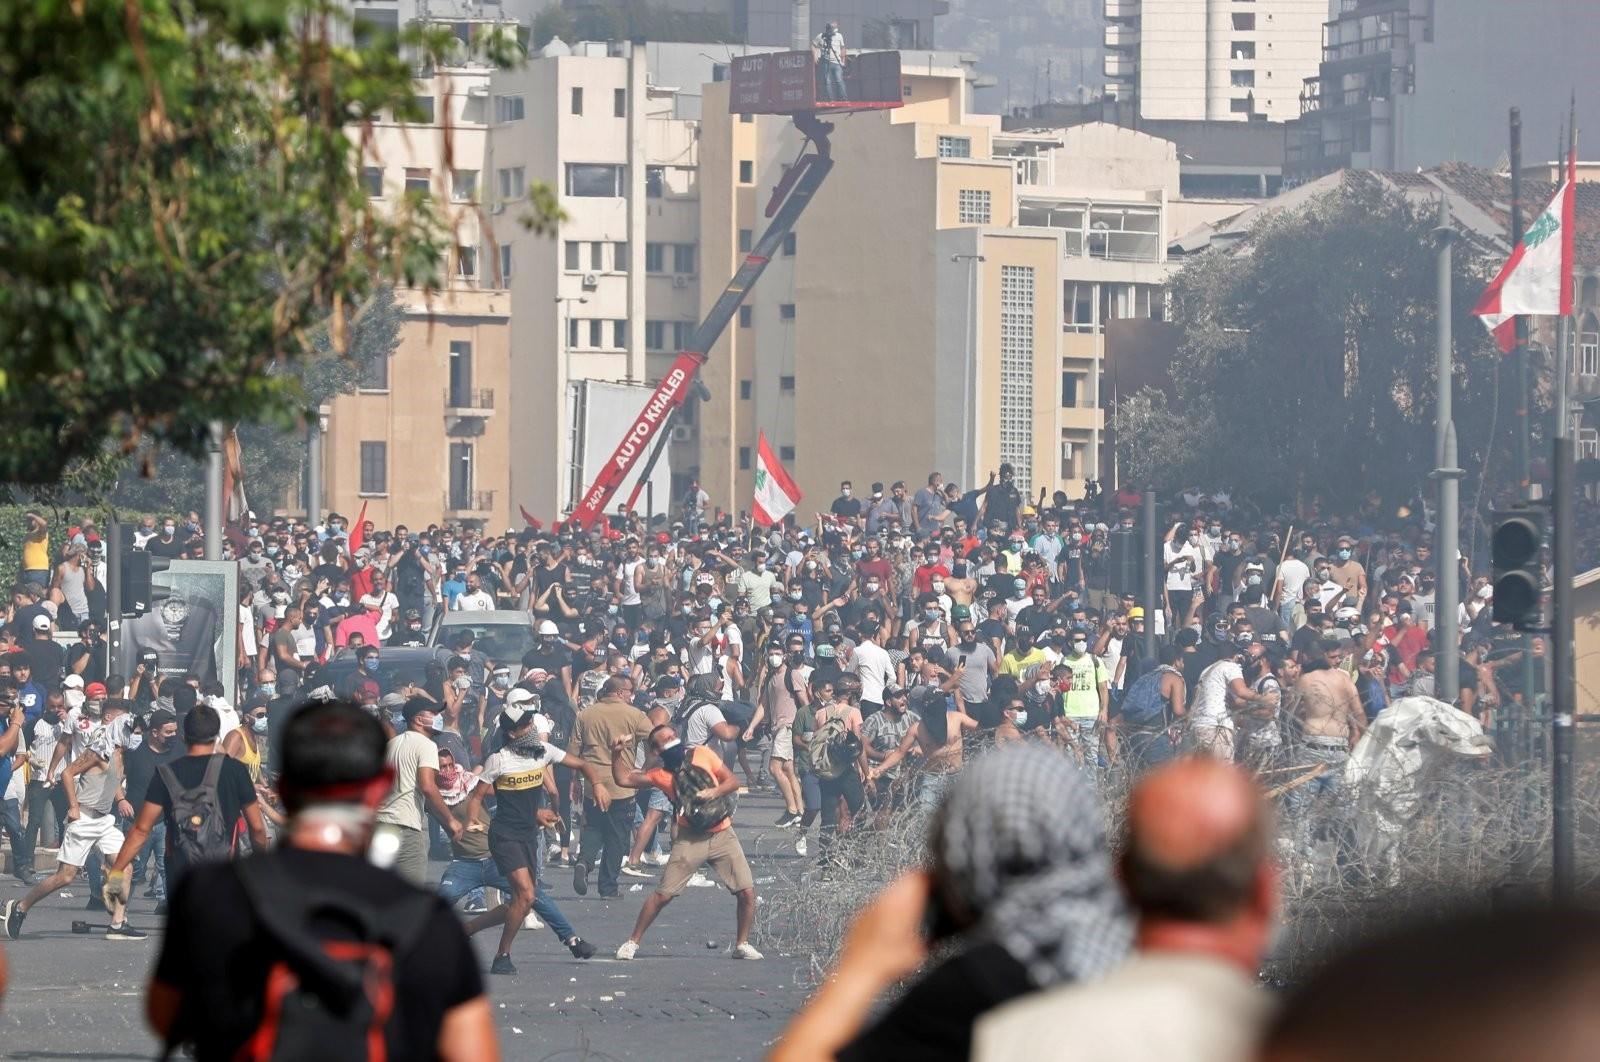 المتظاهرون في لبنان يقتحمون وزارات ومؤسسات الدولة